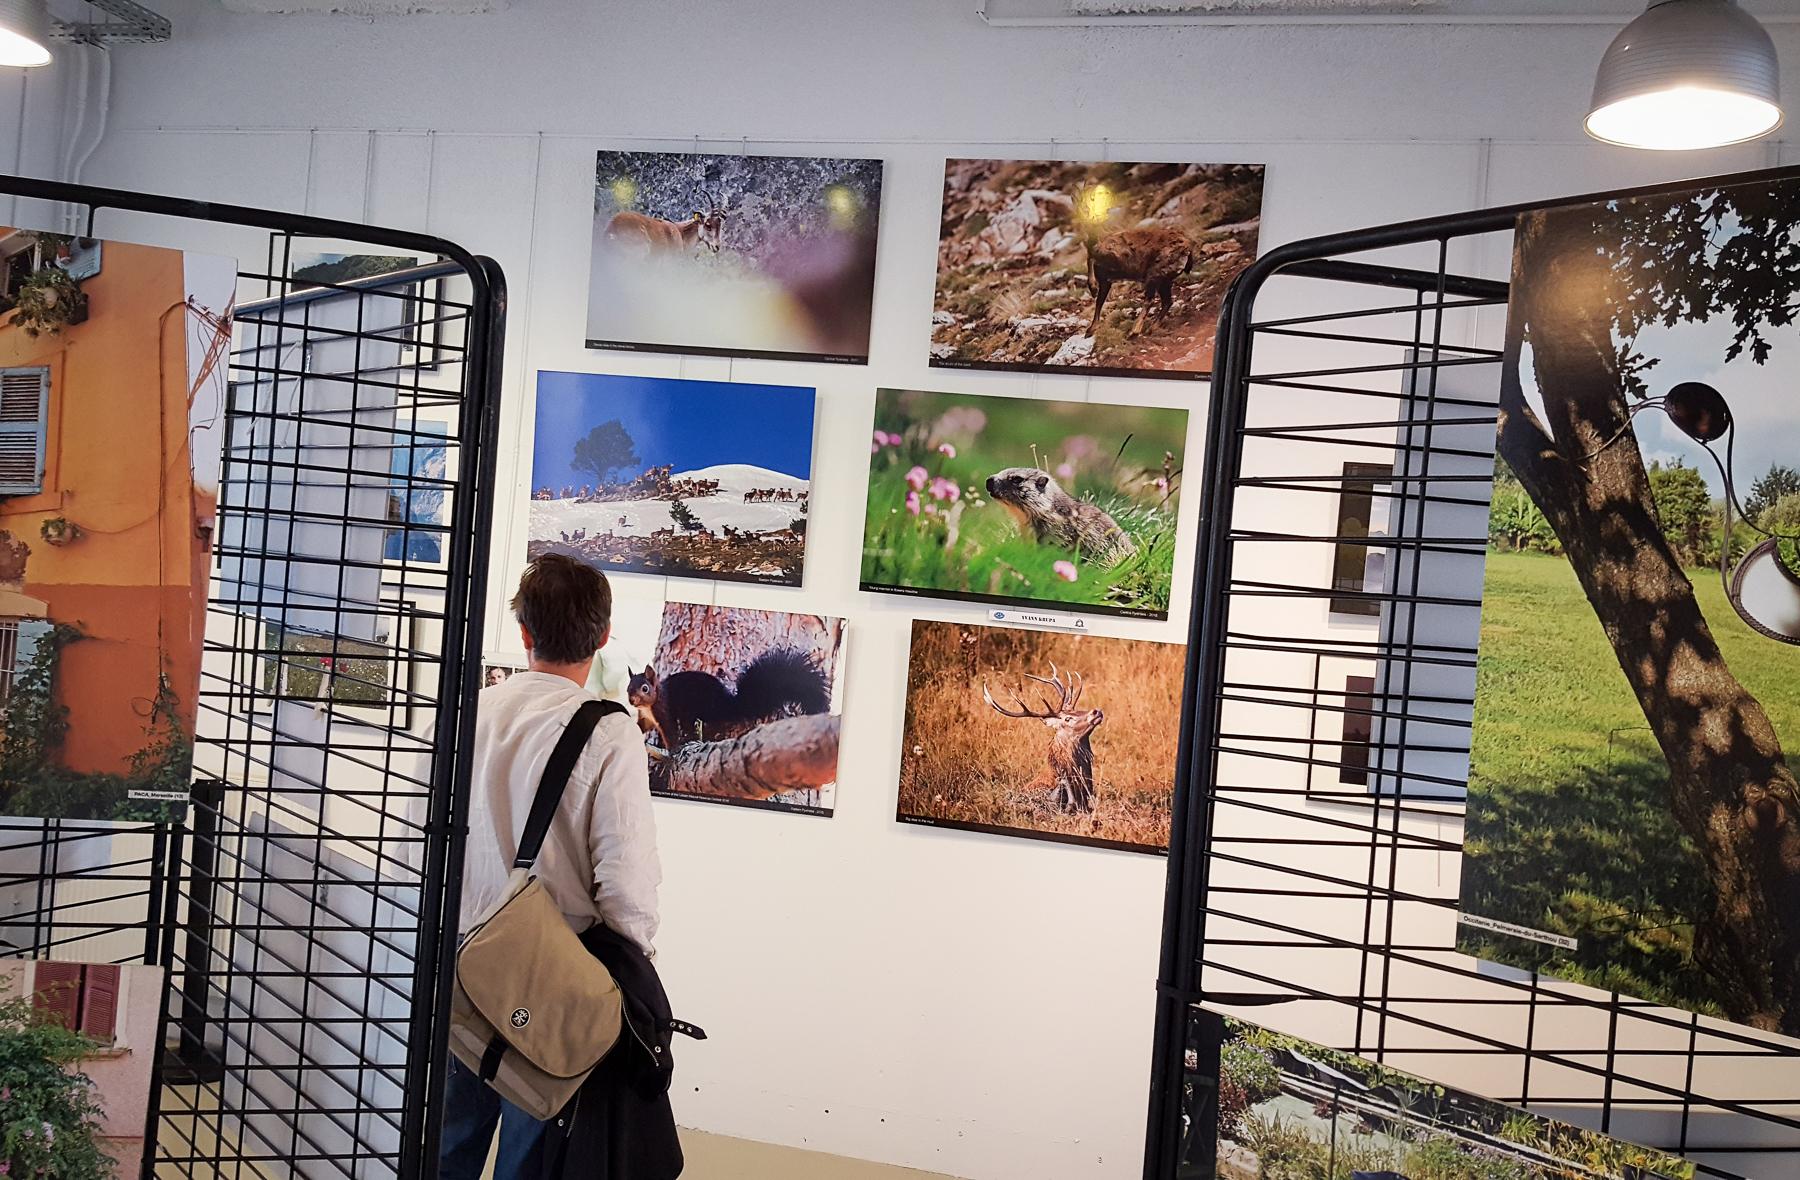 Exposition a 2000 m tres dans les pyr n es au troisi me salon de la photographie garonn 39 amopa - Salon des animaux toulouse ...